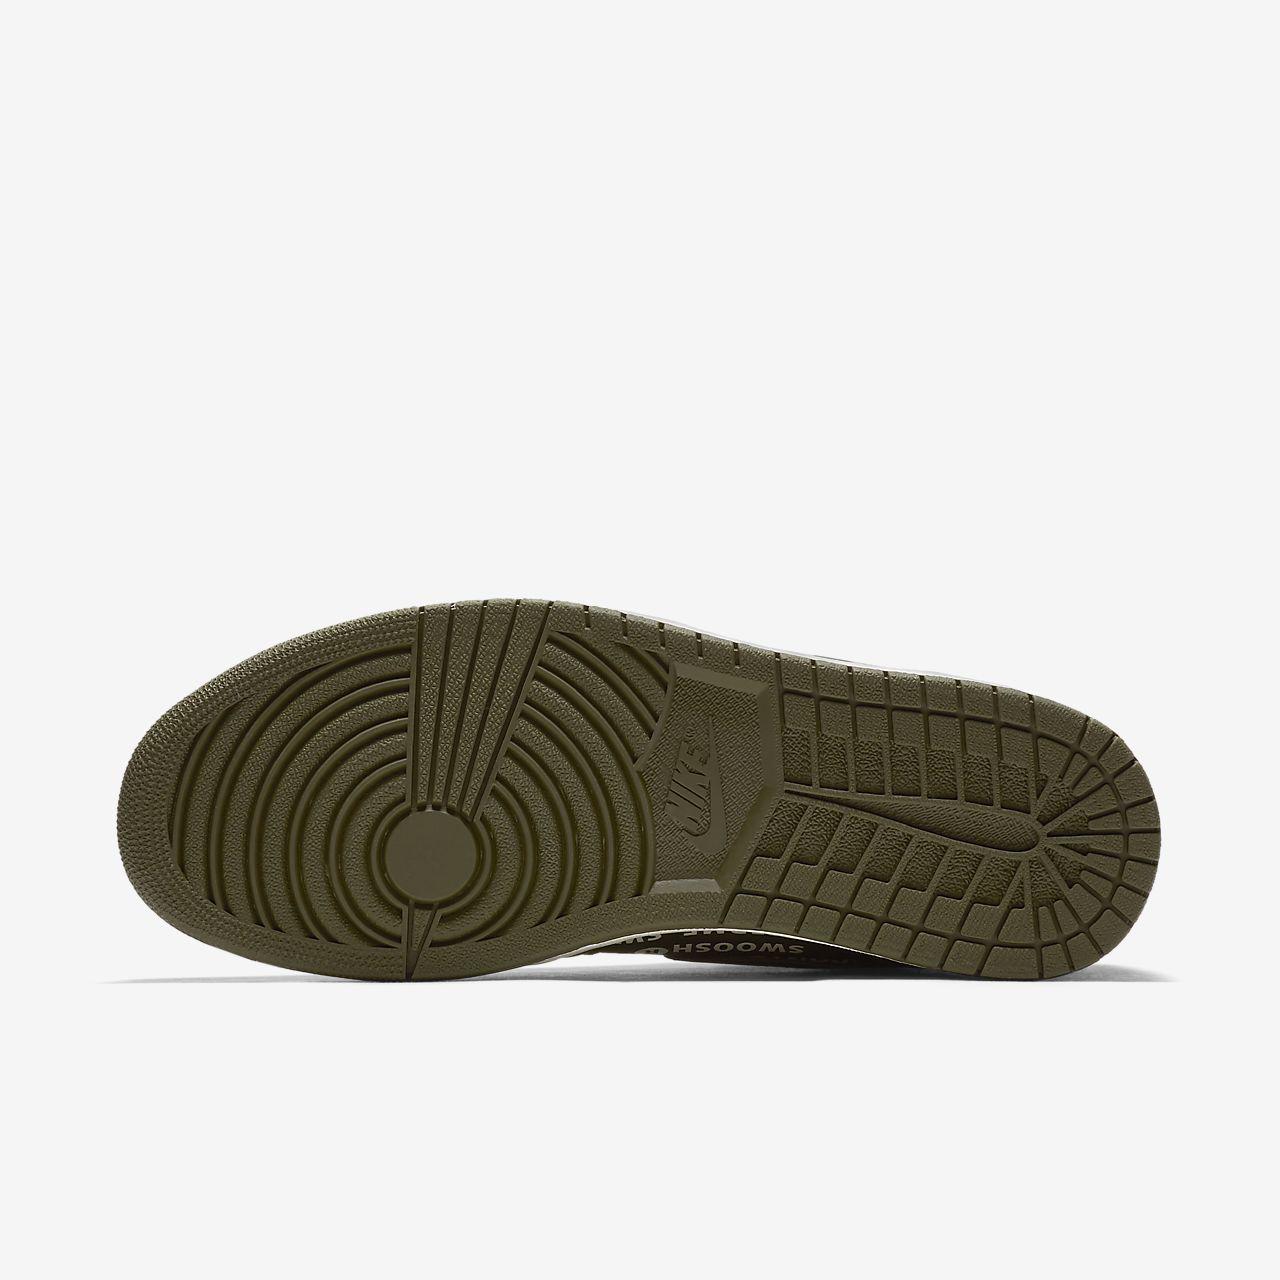 hot sales 0e49d 83f16 Low Resolution Air Jordan 1 Retro High OG Shoe Air Jordan 1 Retro High OG  Shoe